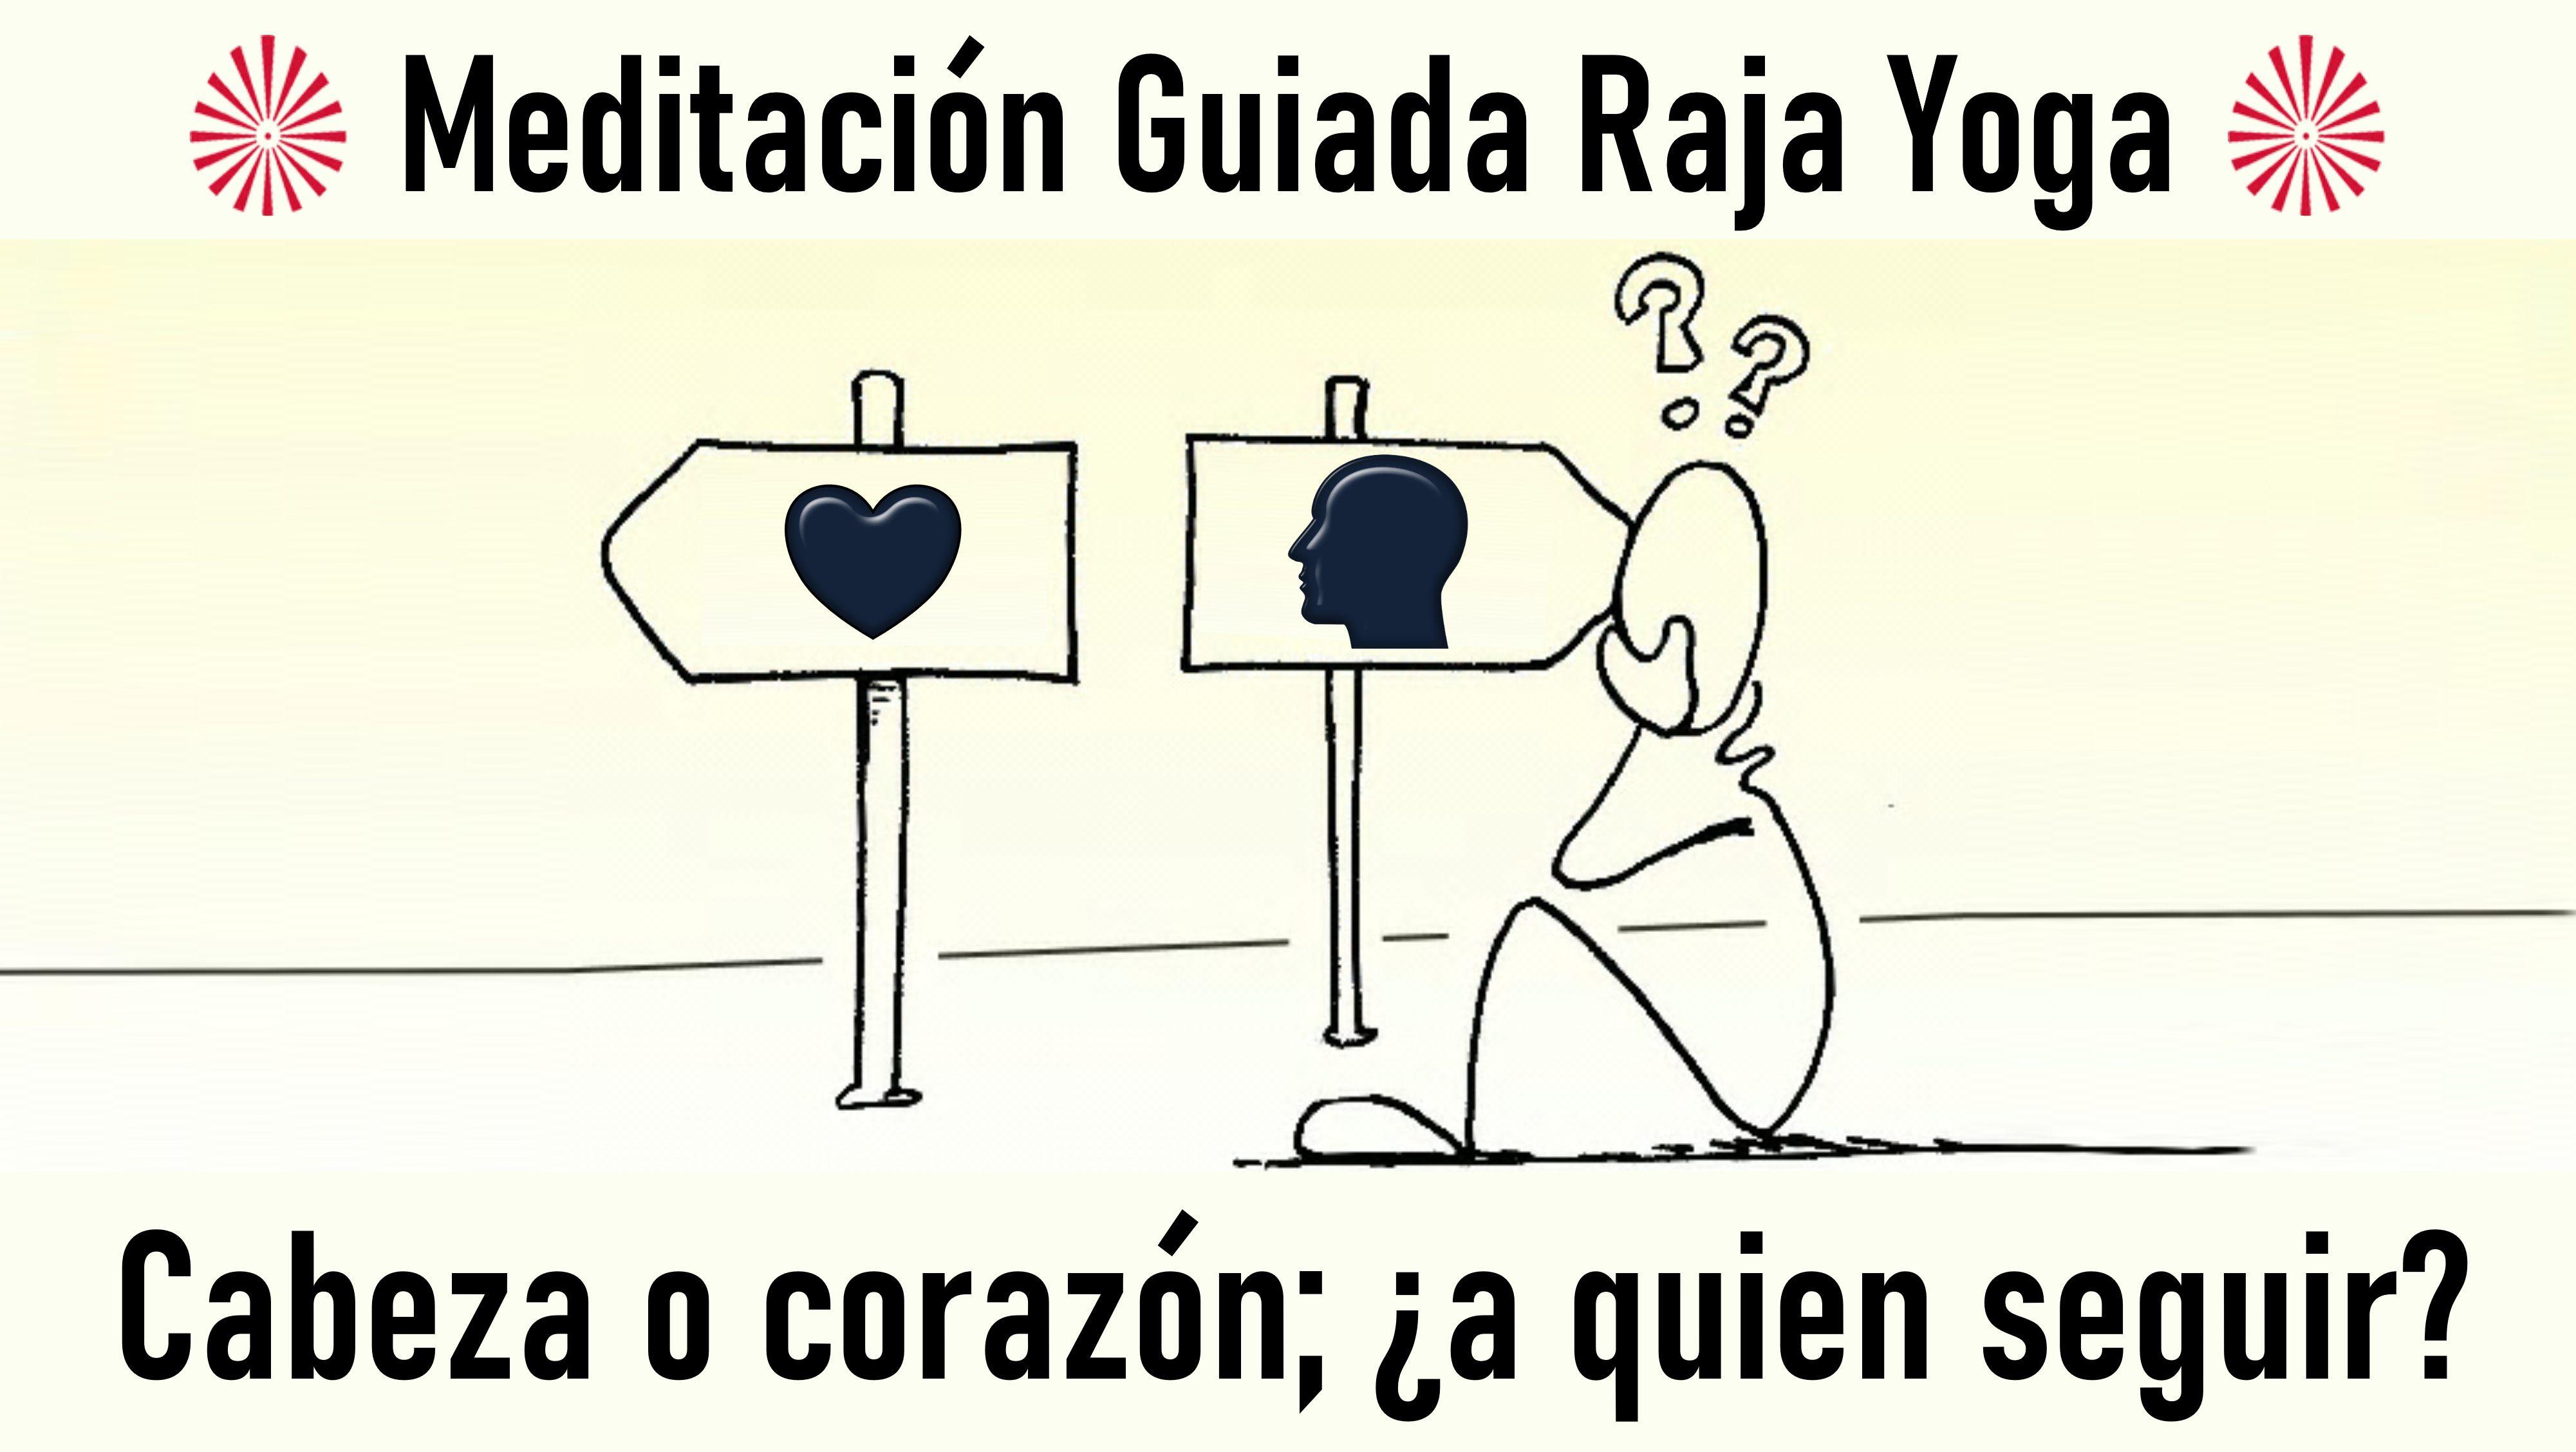 Meditación Raja Yoga:  Cabeza o corazón, ¿a quién seguir? (22 Octubre 2020) On-line desde Mallorca